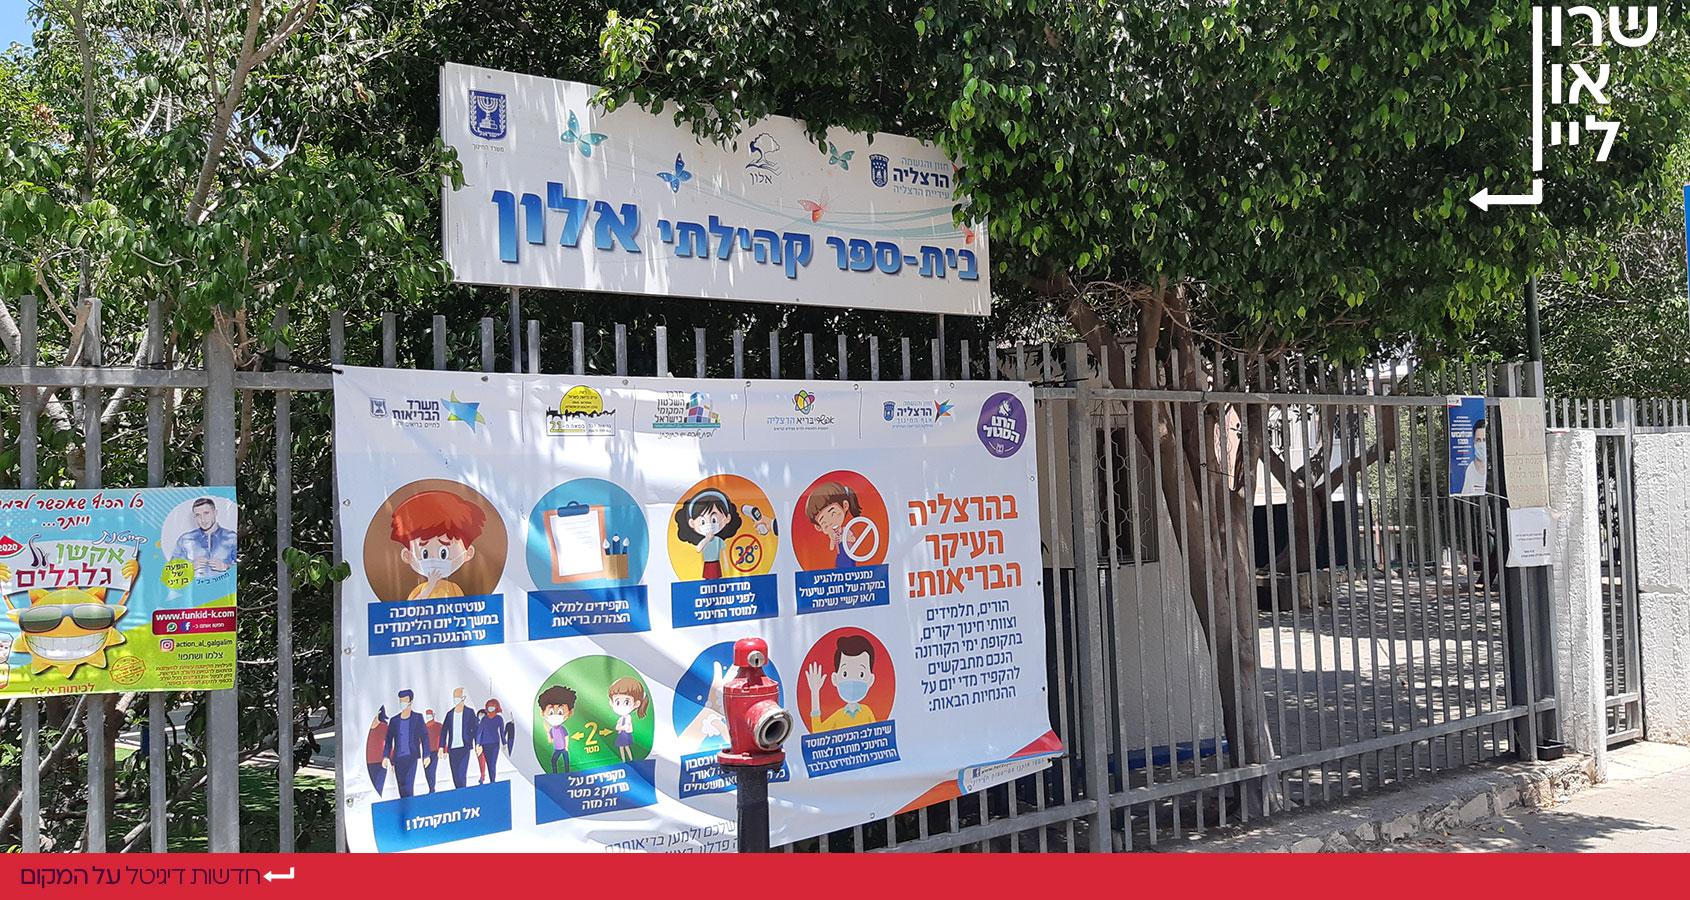 בית ספר אלון הרצליה